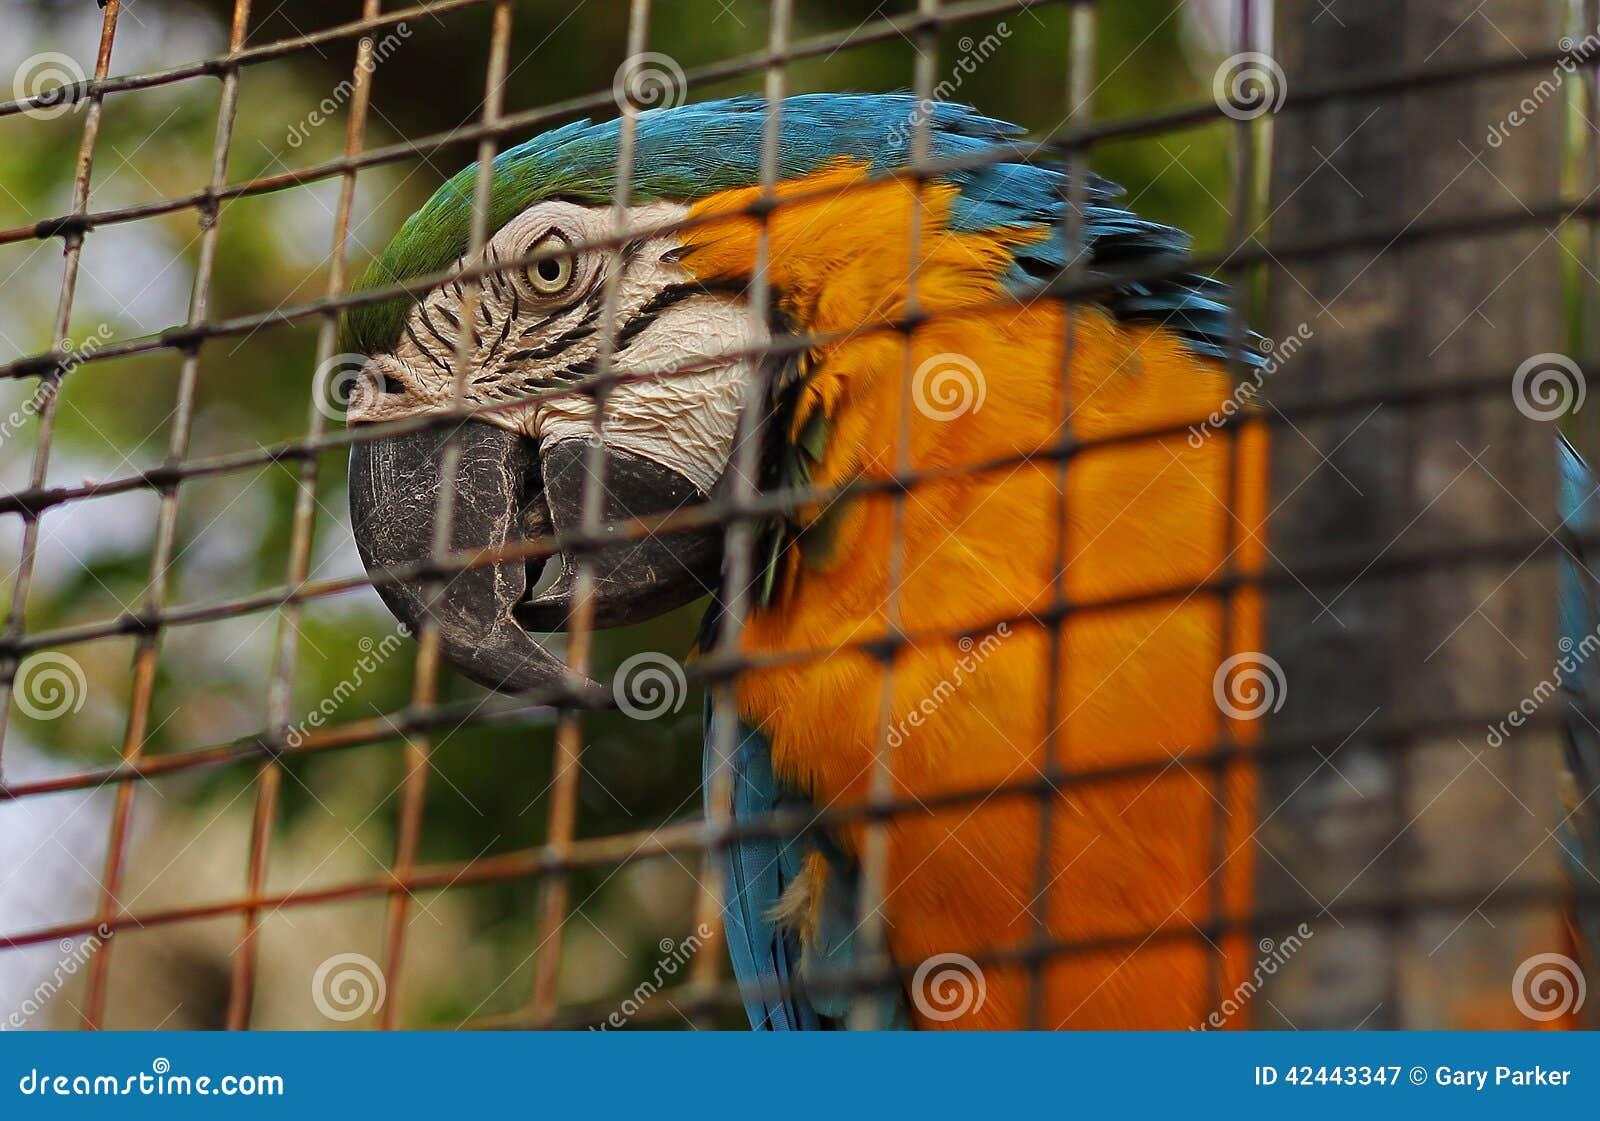 Un loro en una jaula